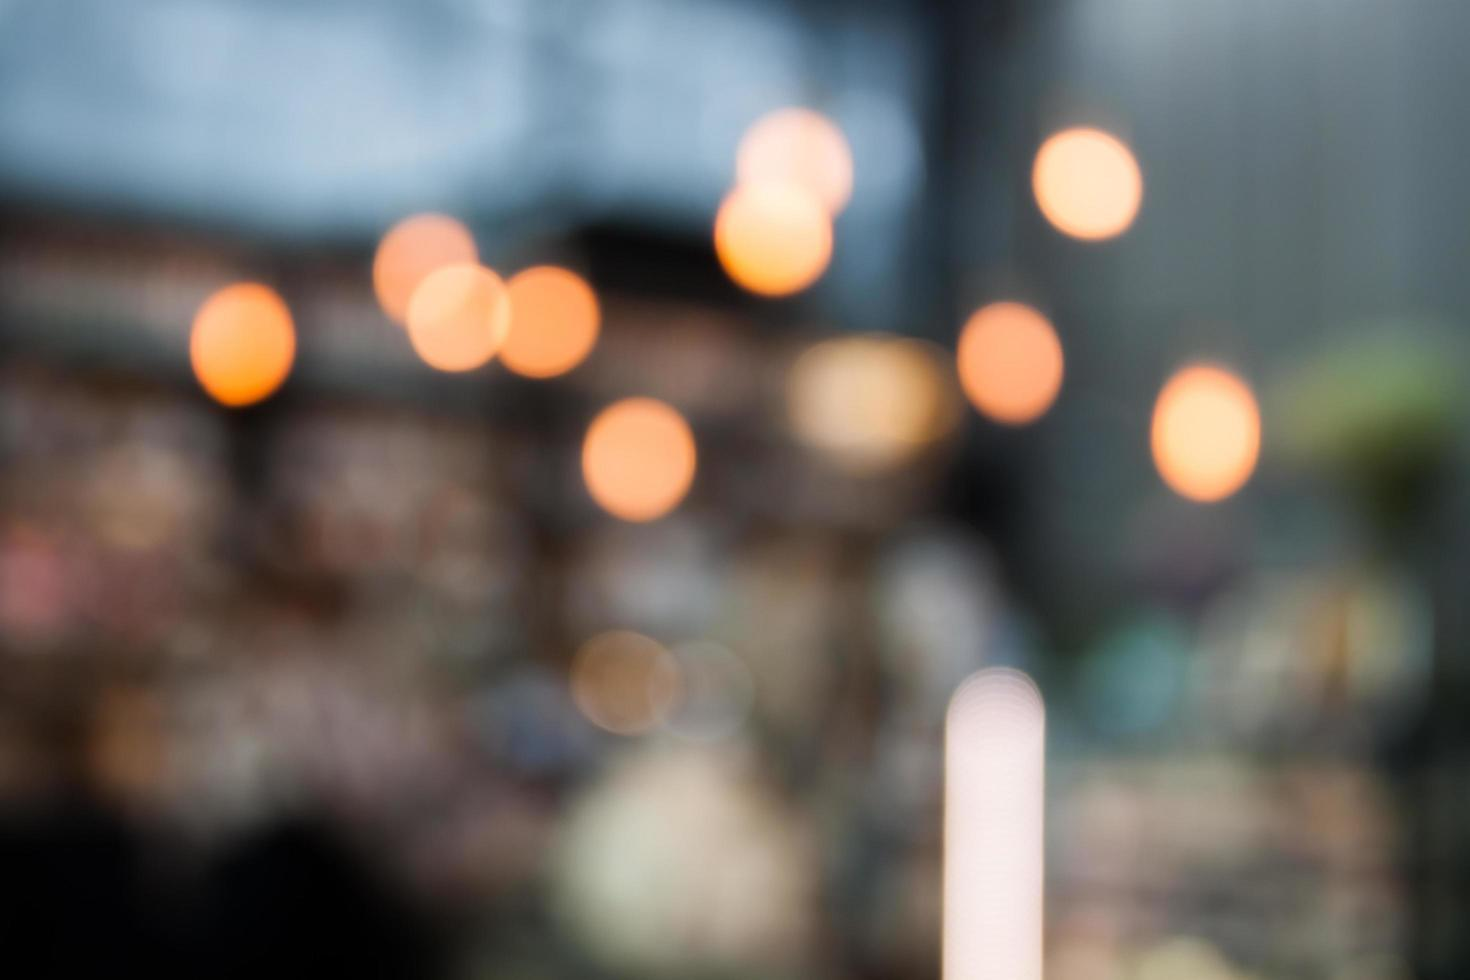 verschwommenes Café Hintergrund foto